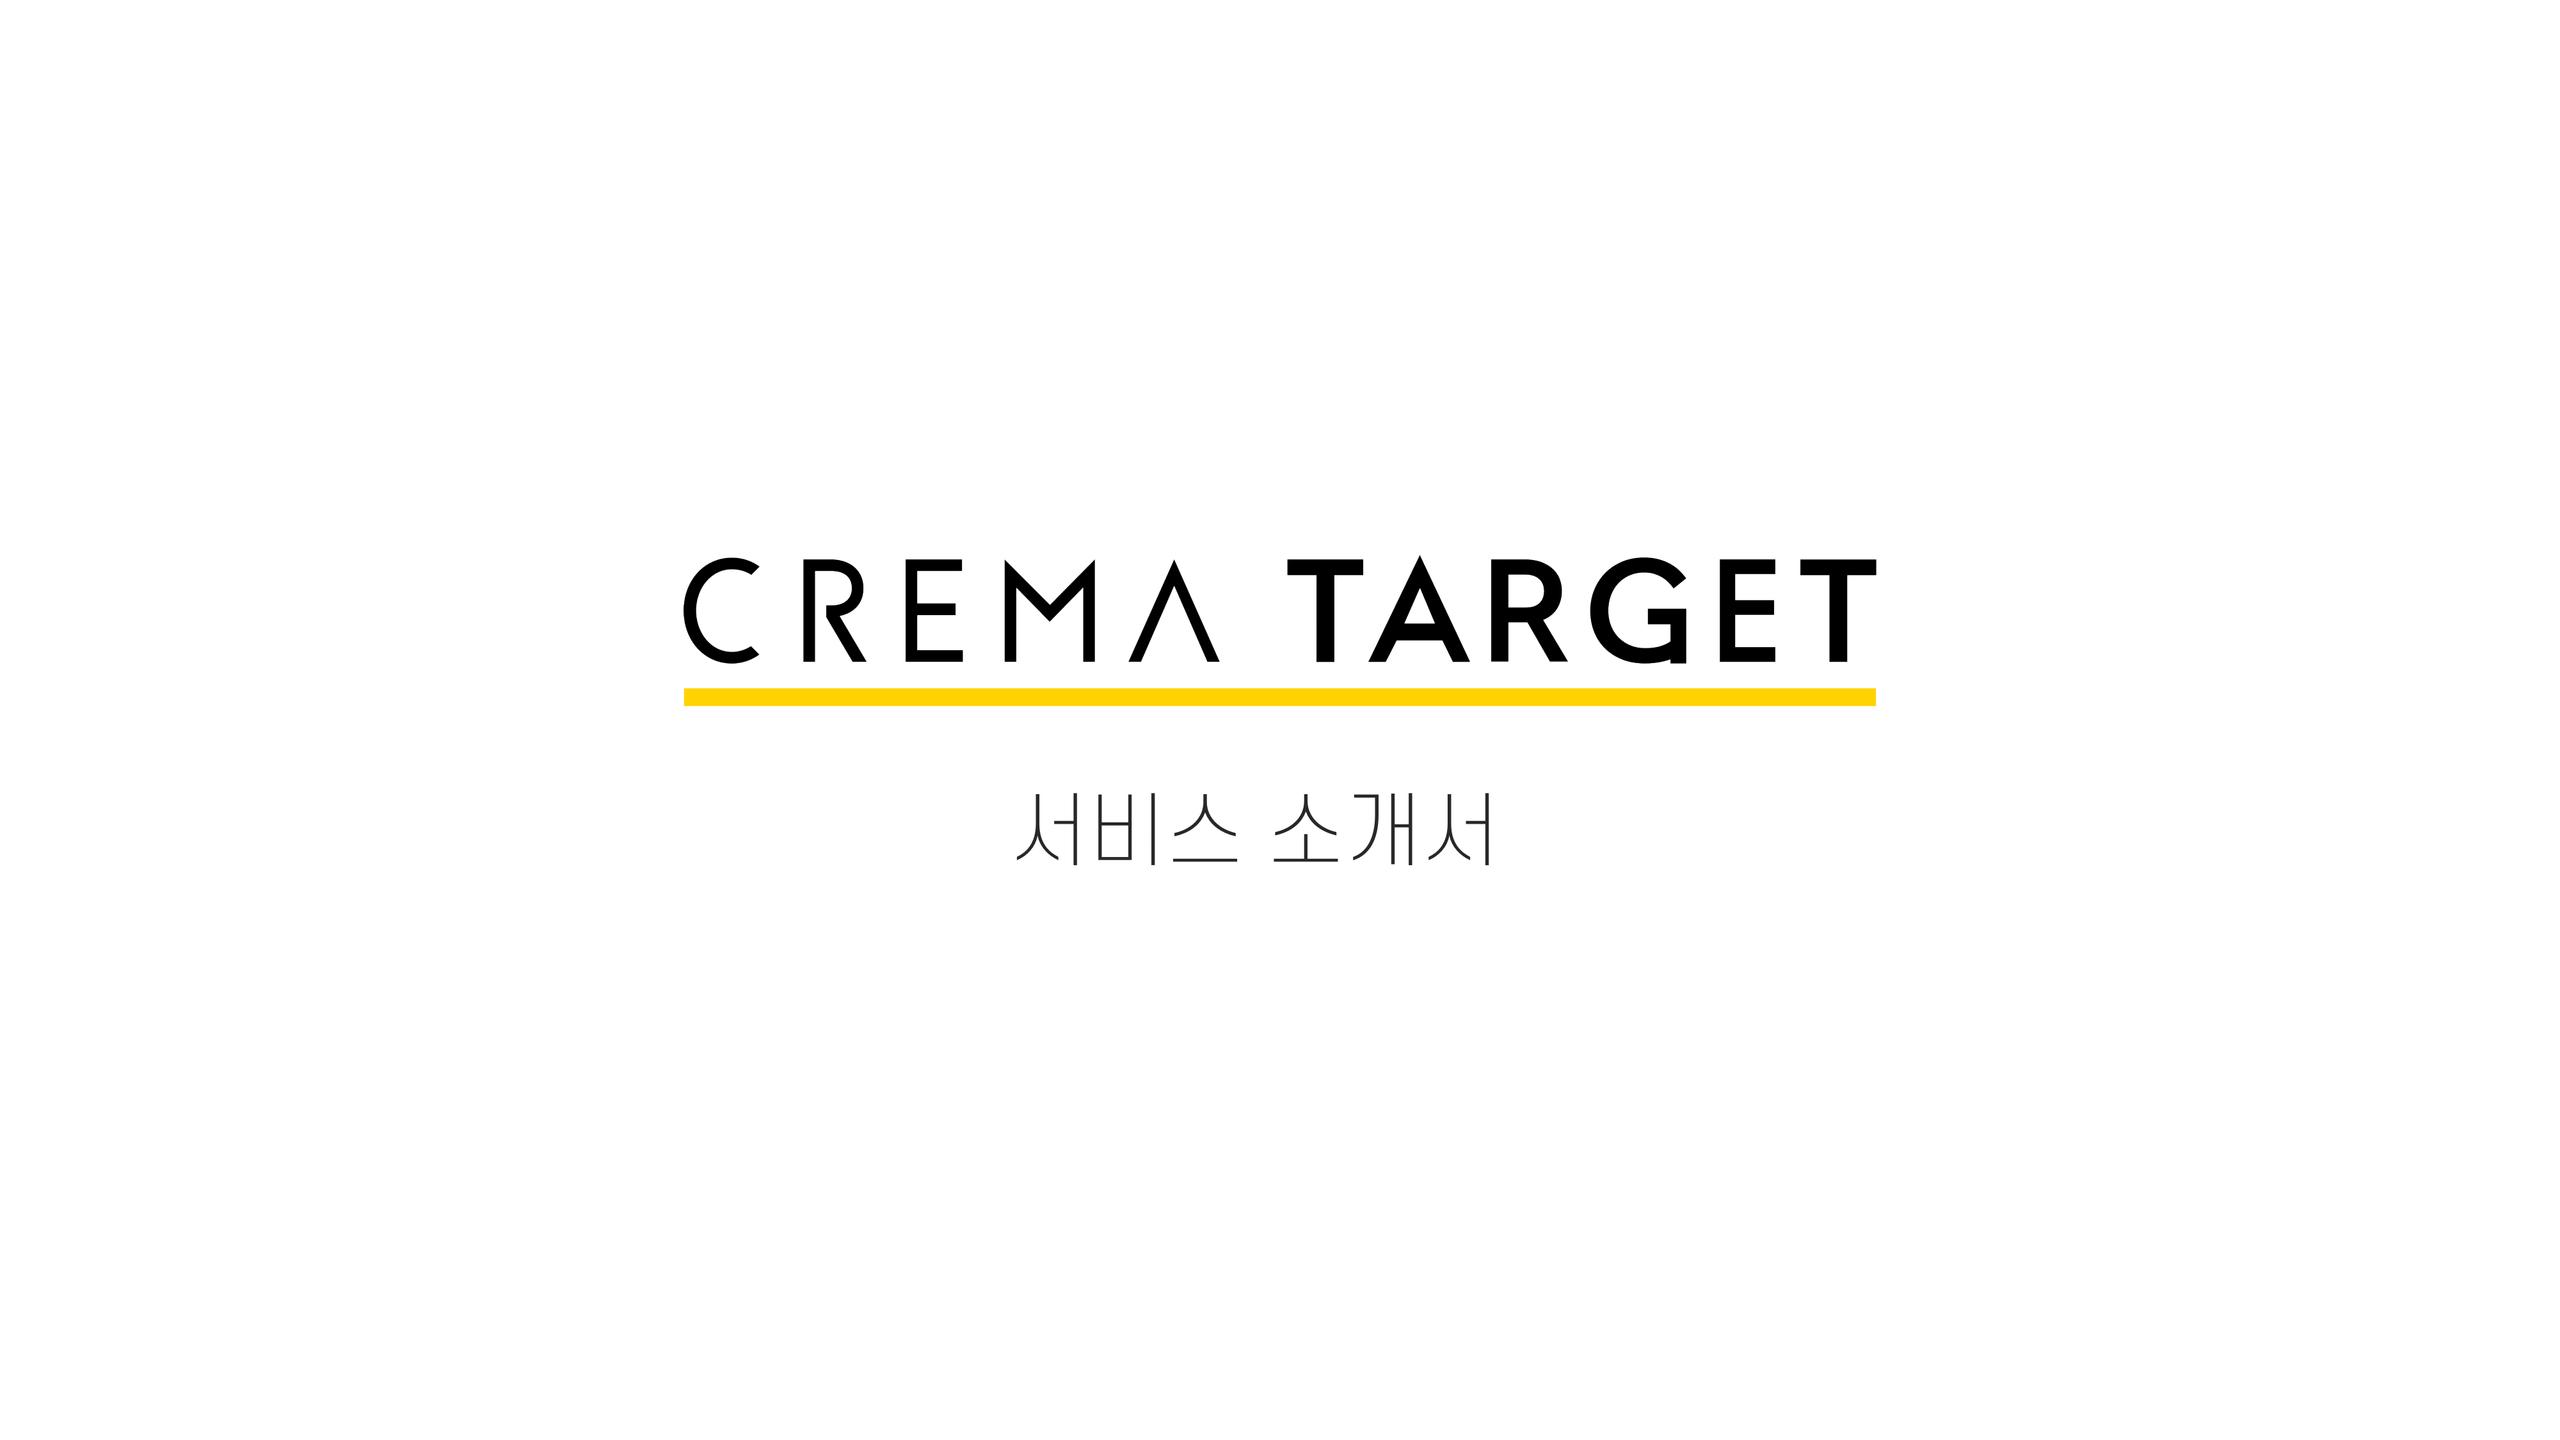 [CREMA] 크리마 타겟 서비스 소개서-01